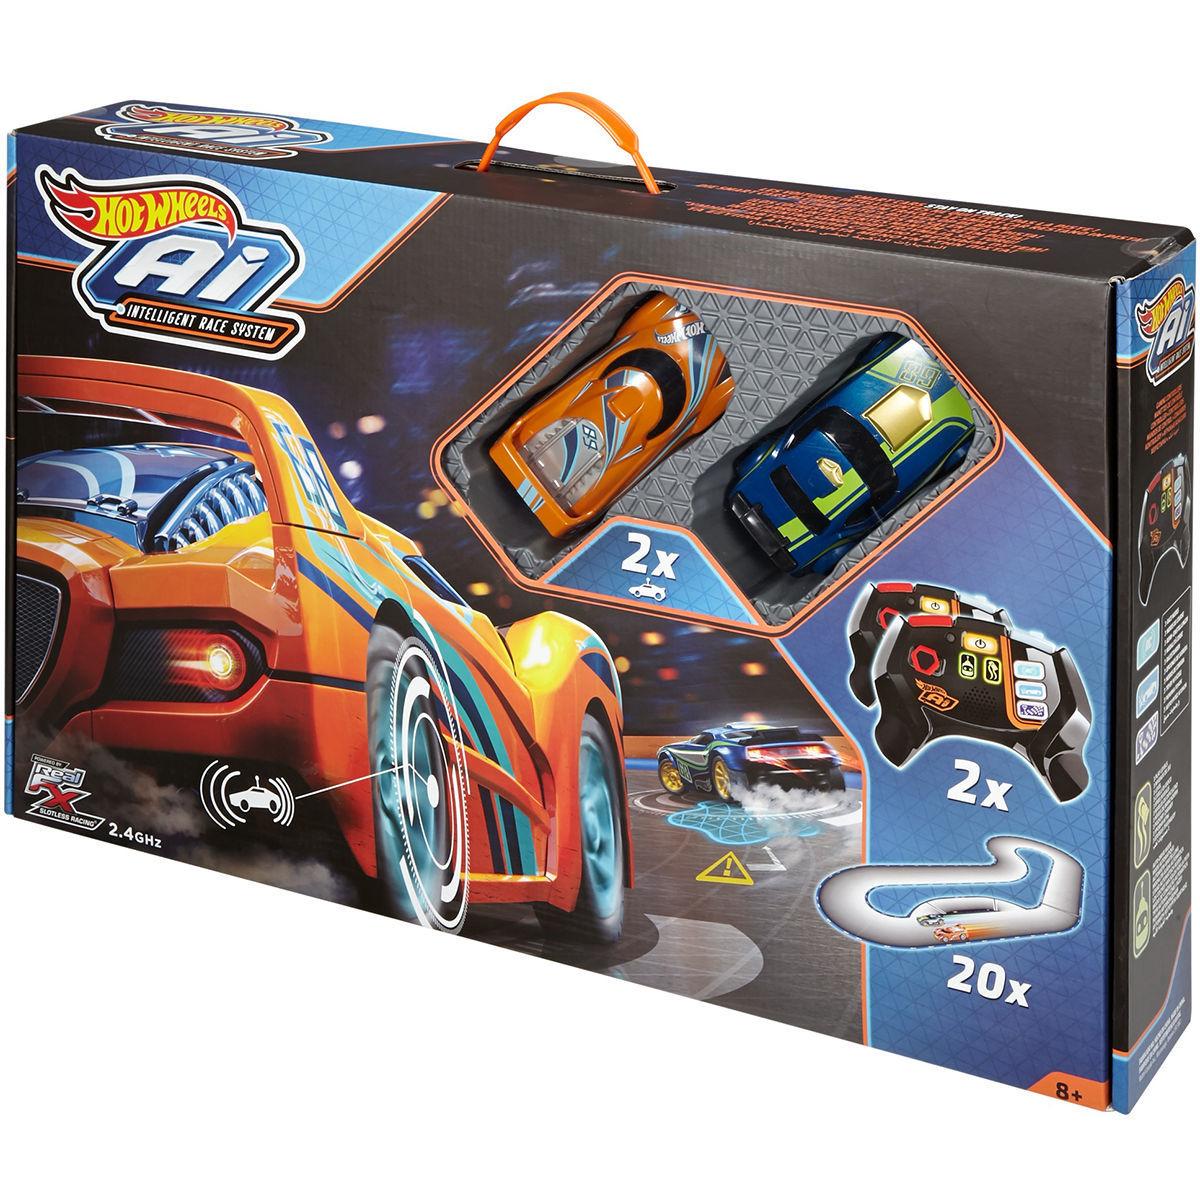 [Karstadt] Sammeldeal: reduzierte Spielsachen nochmals um 50% reduziert, z.B. Hot Wheels A.I. Intelligent Race System für 25 Euro (PVG 80 €), E-Scooter für 100 Euro (PVG 284 €), u.a.